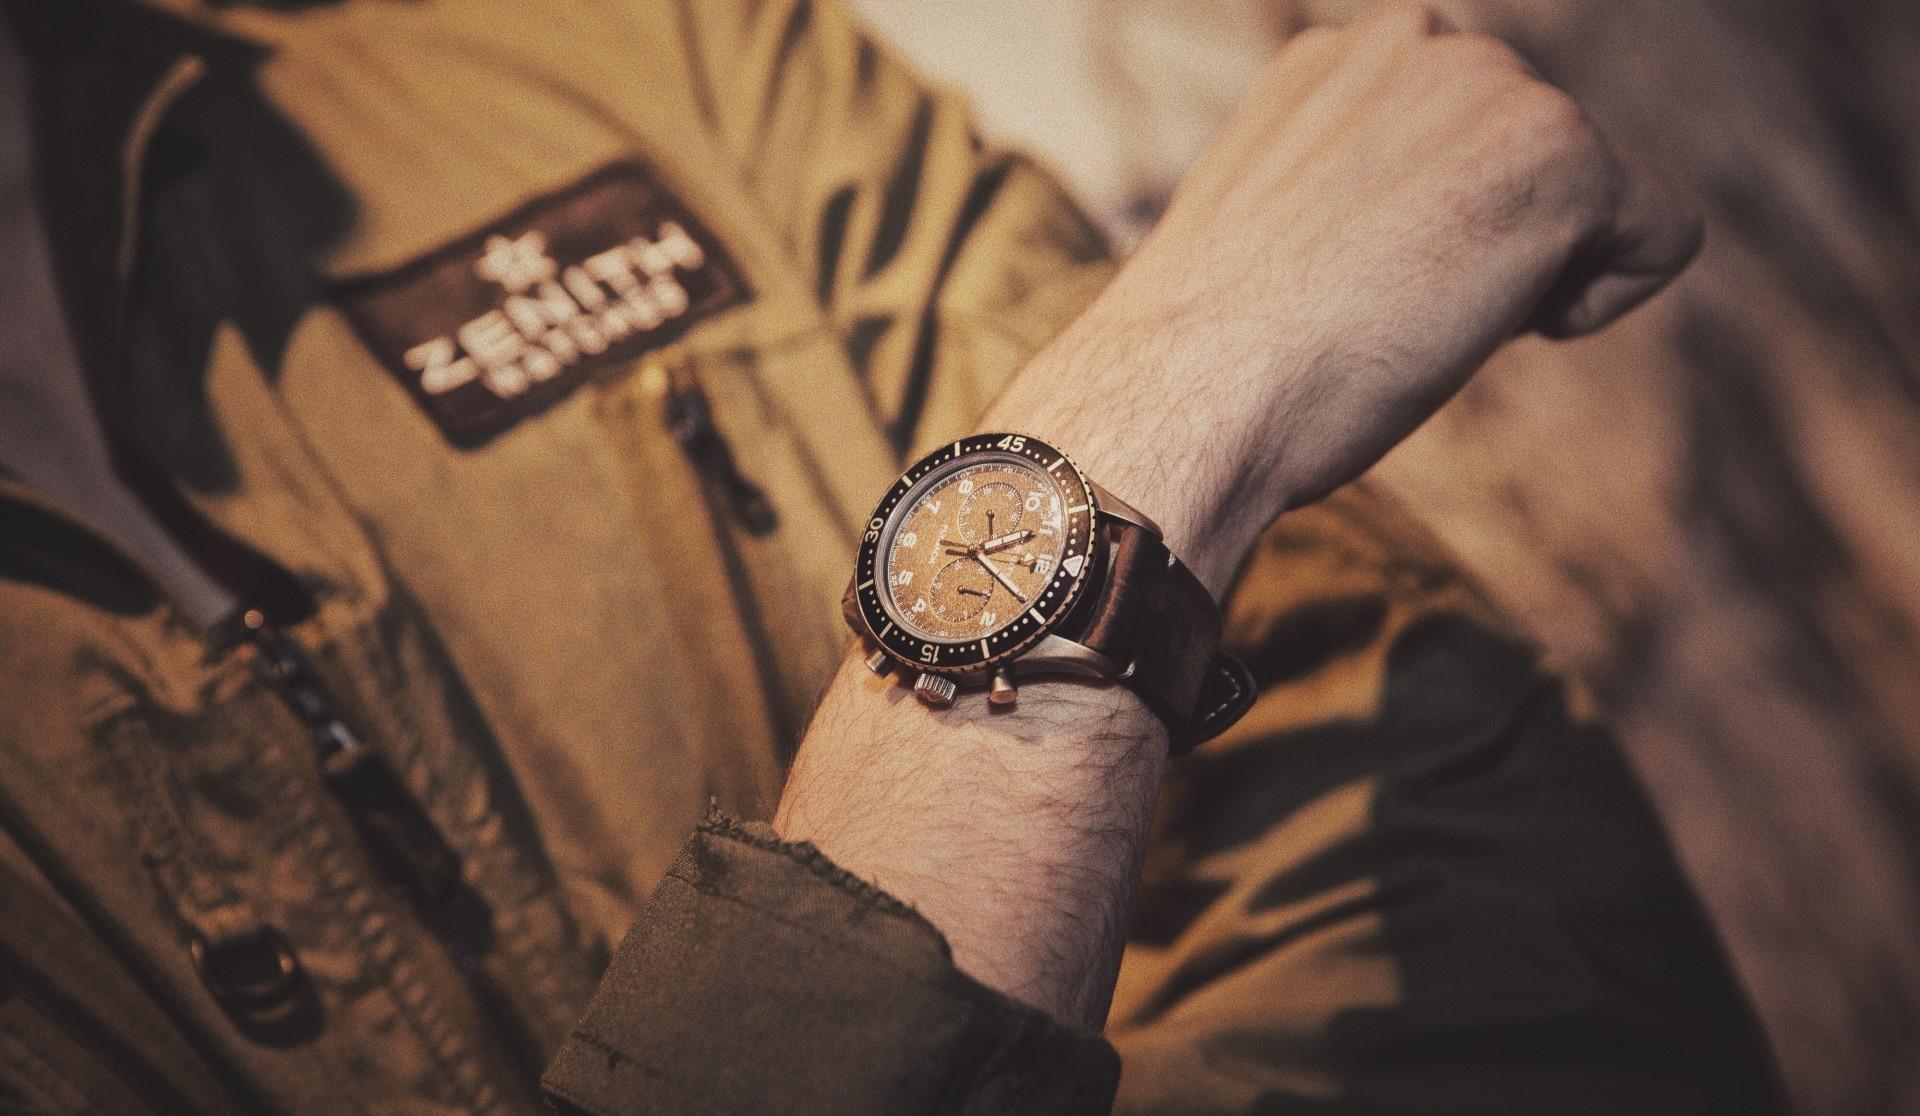 全新起航,光彩再現:2018 ZENITH真力時復古紳士夜暨飛行員系列全新TIPO CP-2飛返計時腕錶正式發表